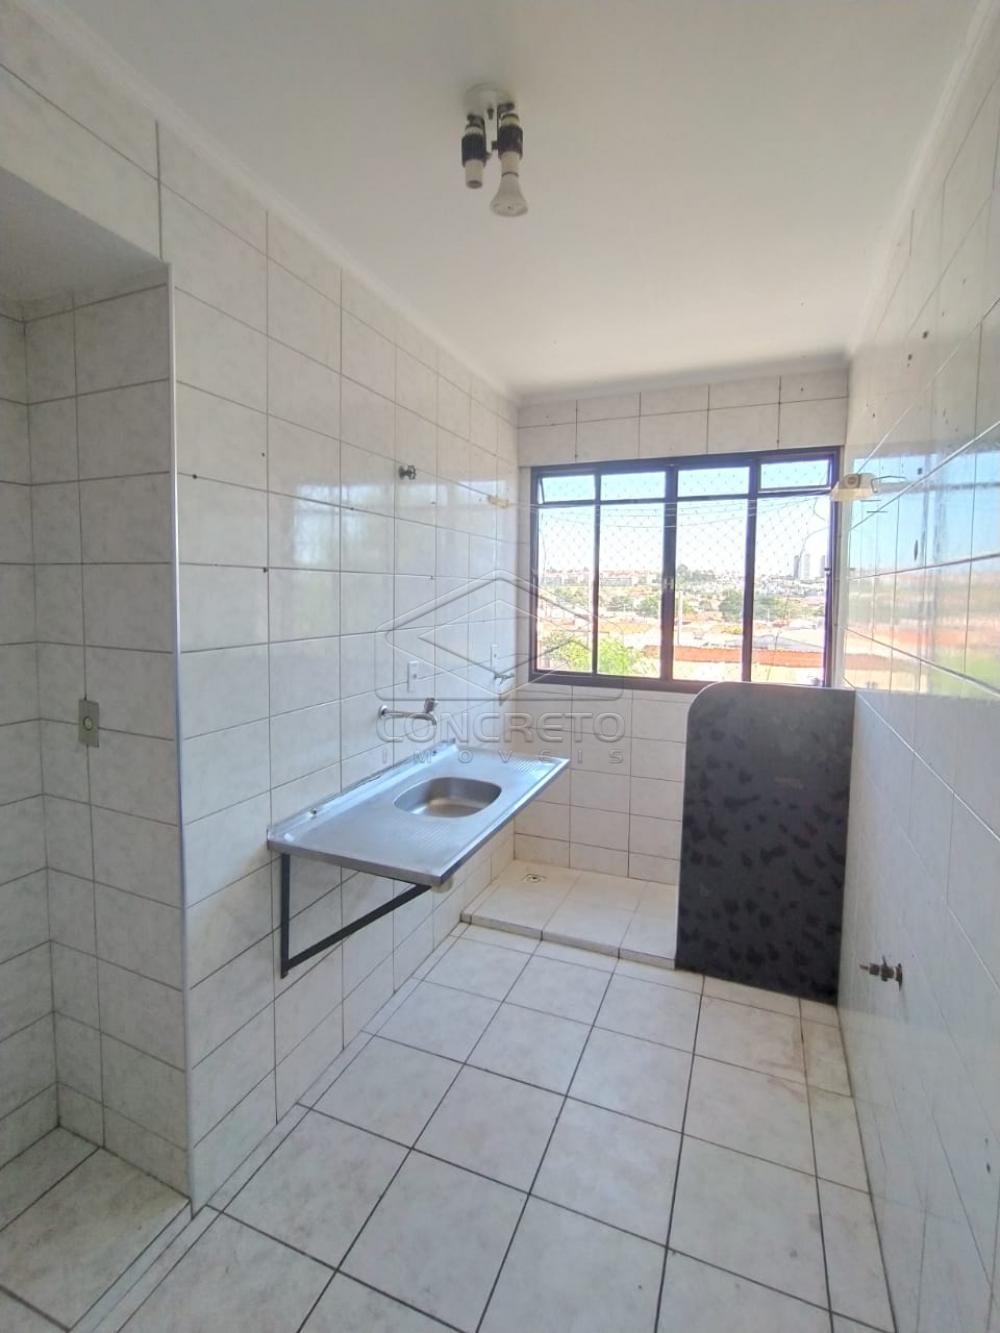 Alugar Apartamento / Padrão em Bauru R$ 700,00 - Foto 7